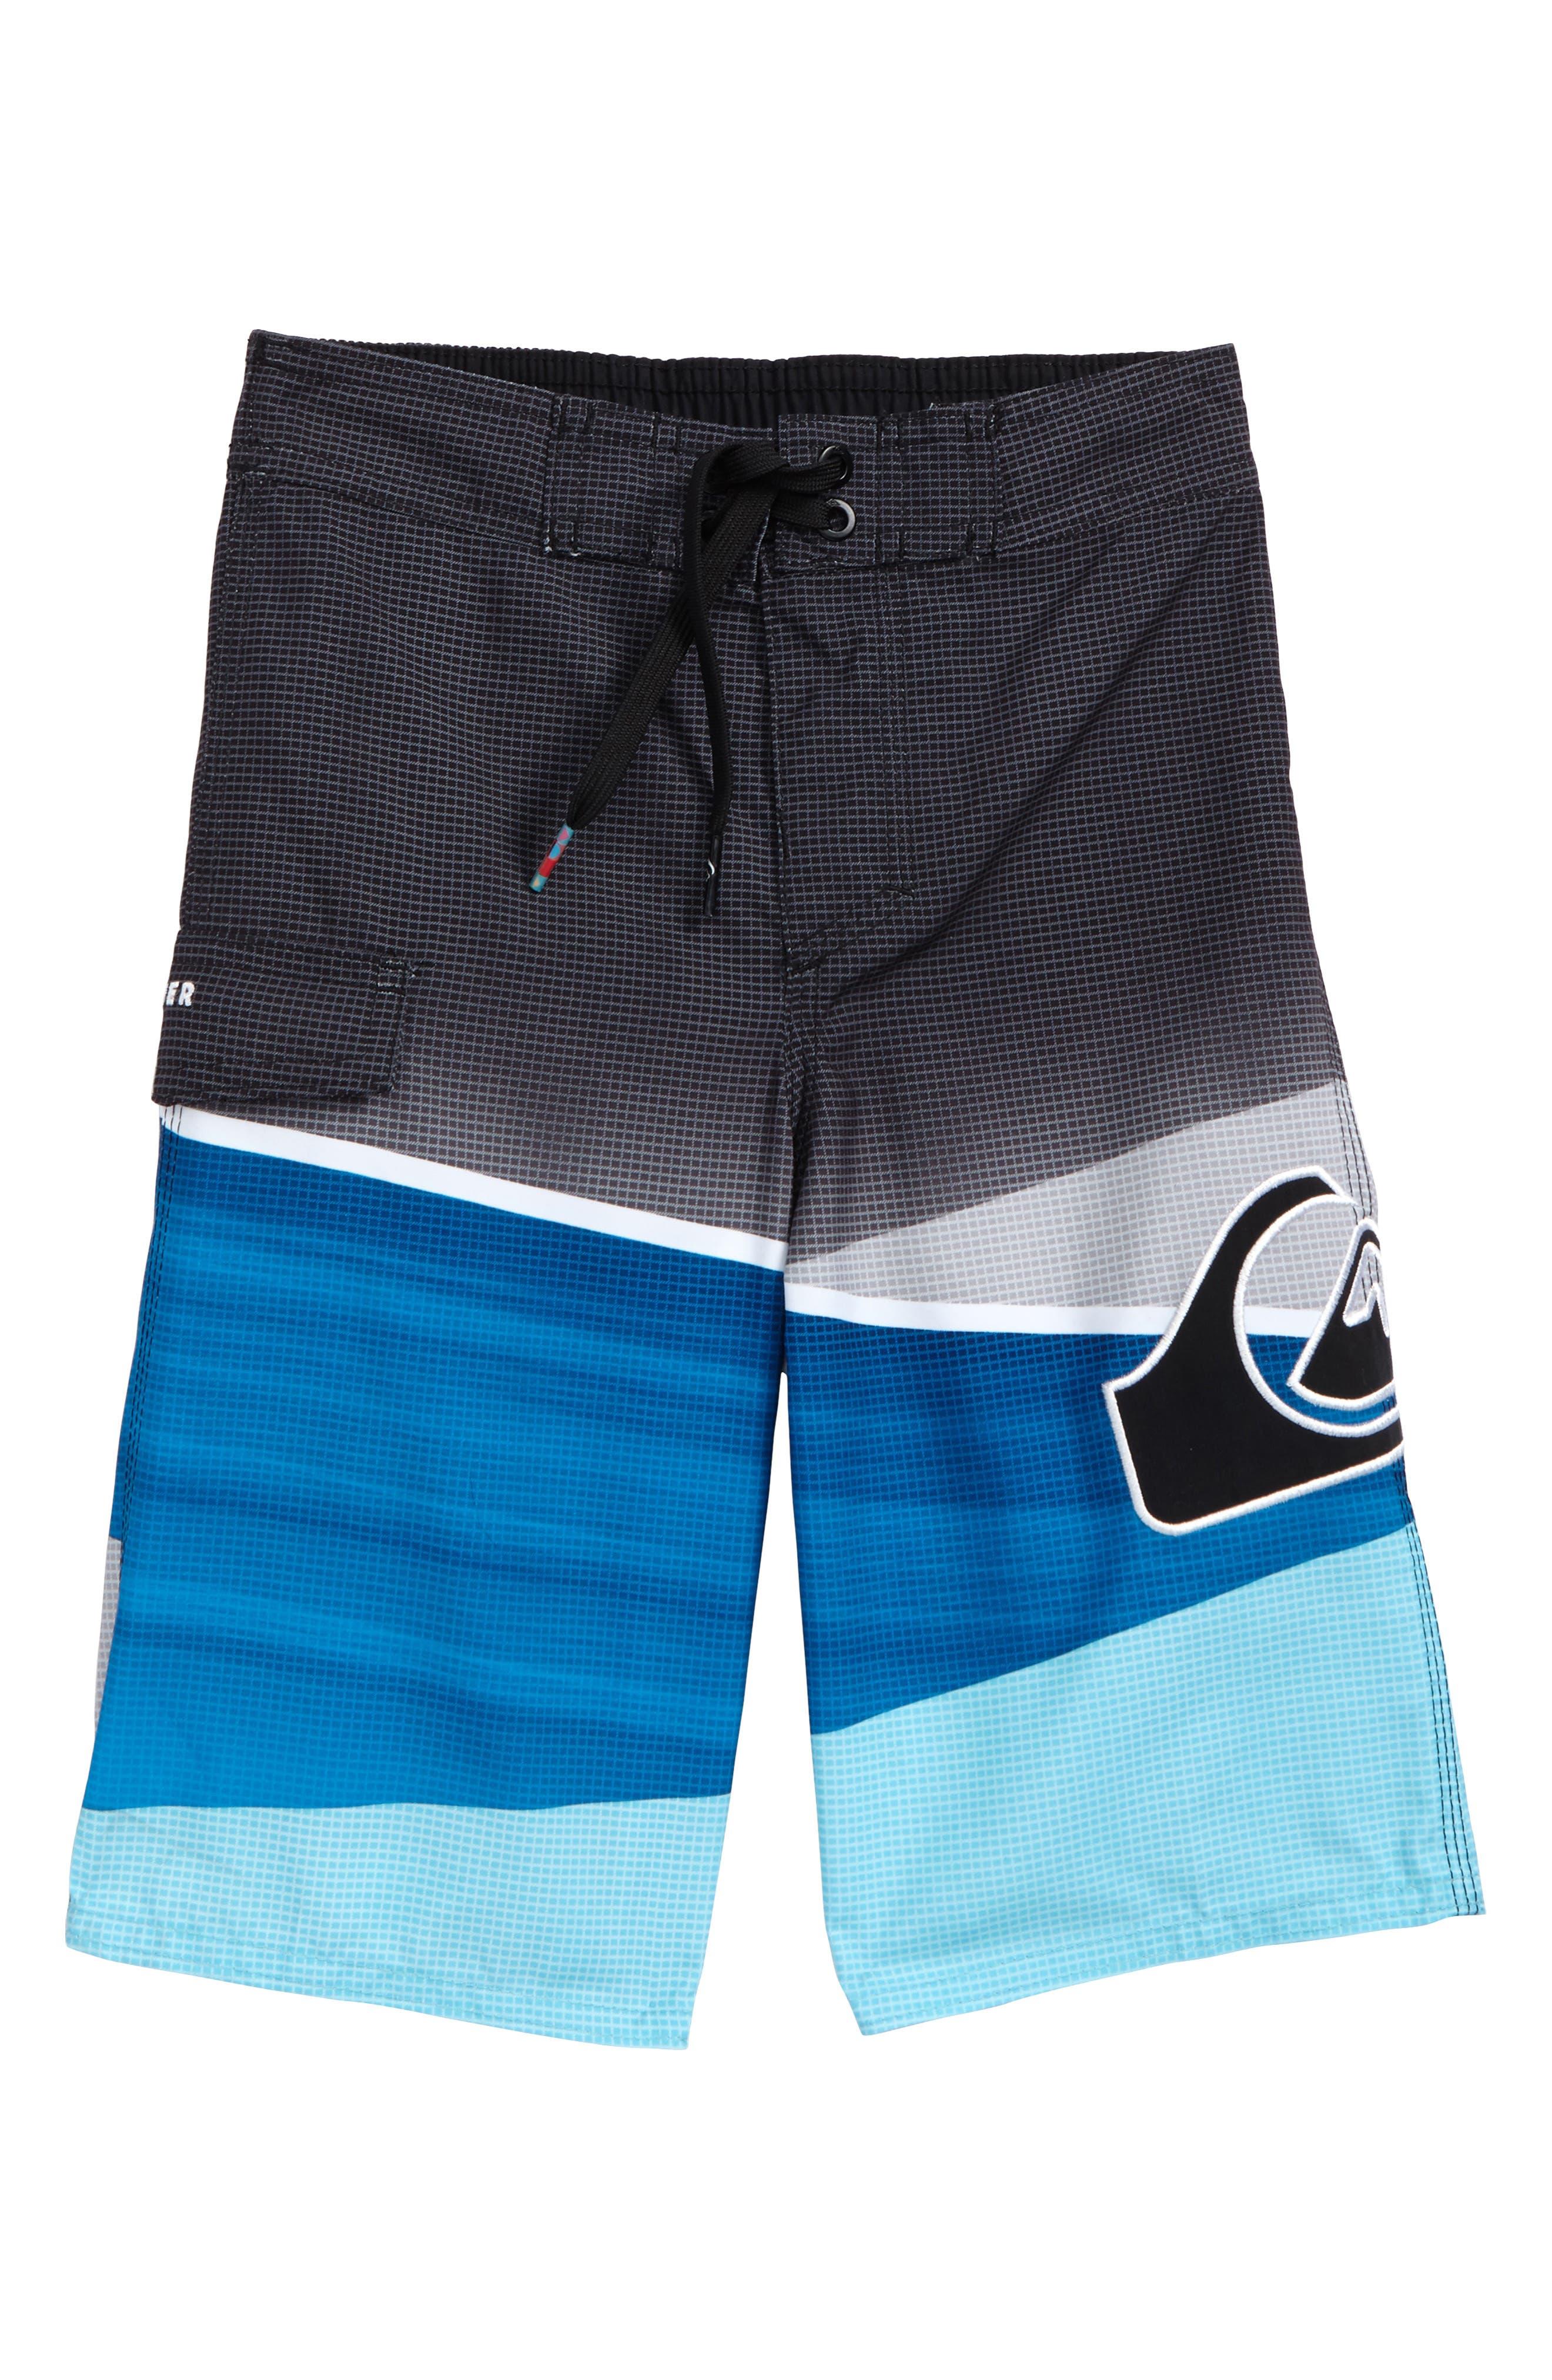 Slash Board Shorts,                             Main thumbnail 1, color,                             422